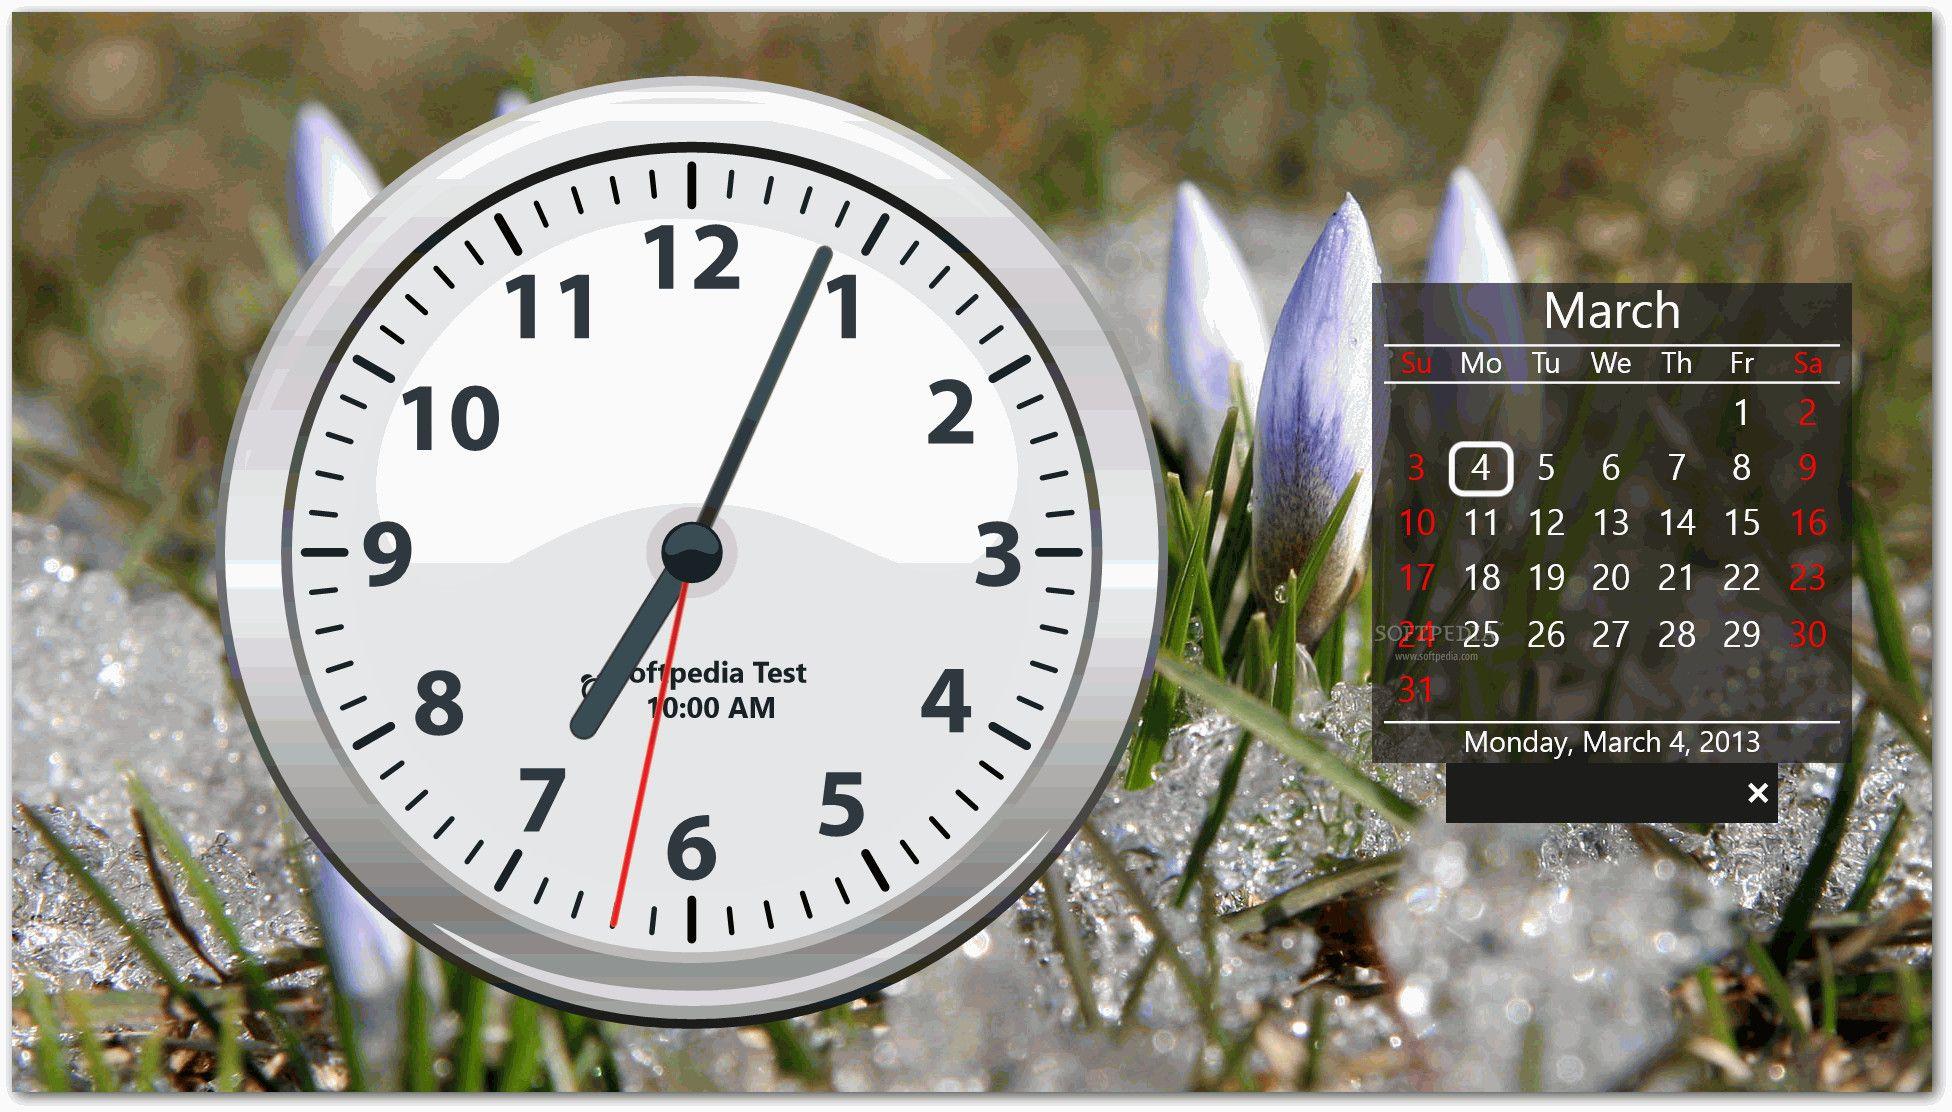 Clock Live Wallpaper Windows 10 57 Images Clock Wallpaper Wallpaper Windows 10 Clock